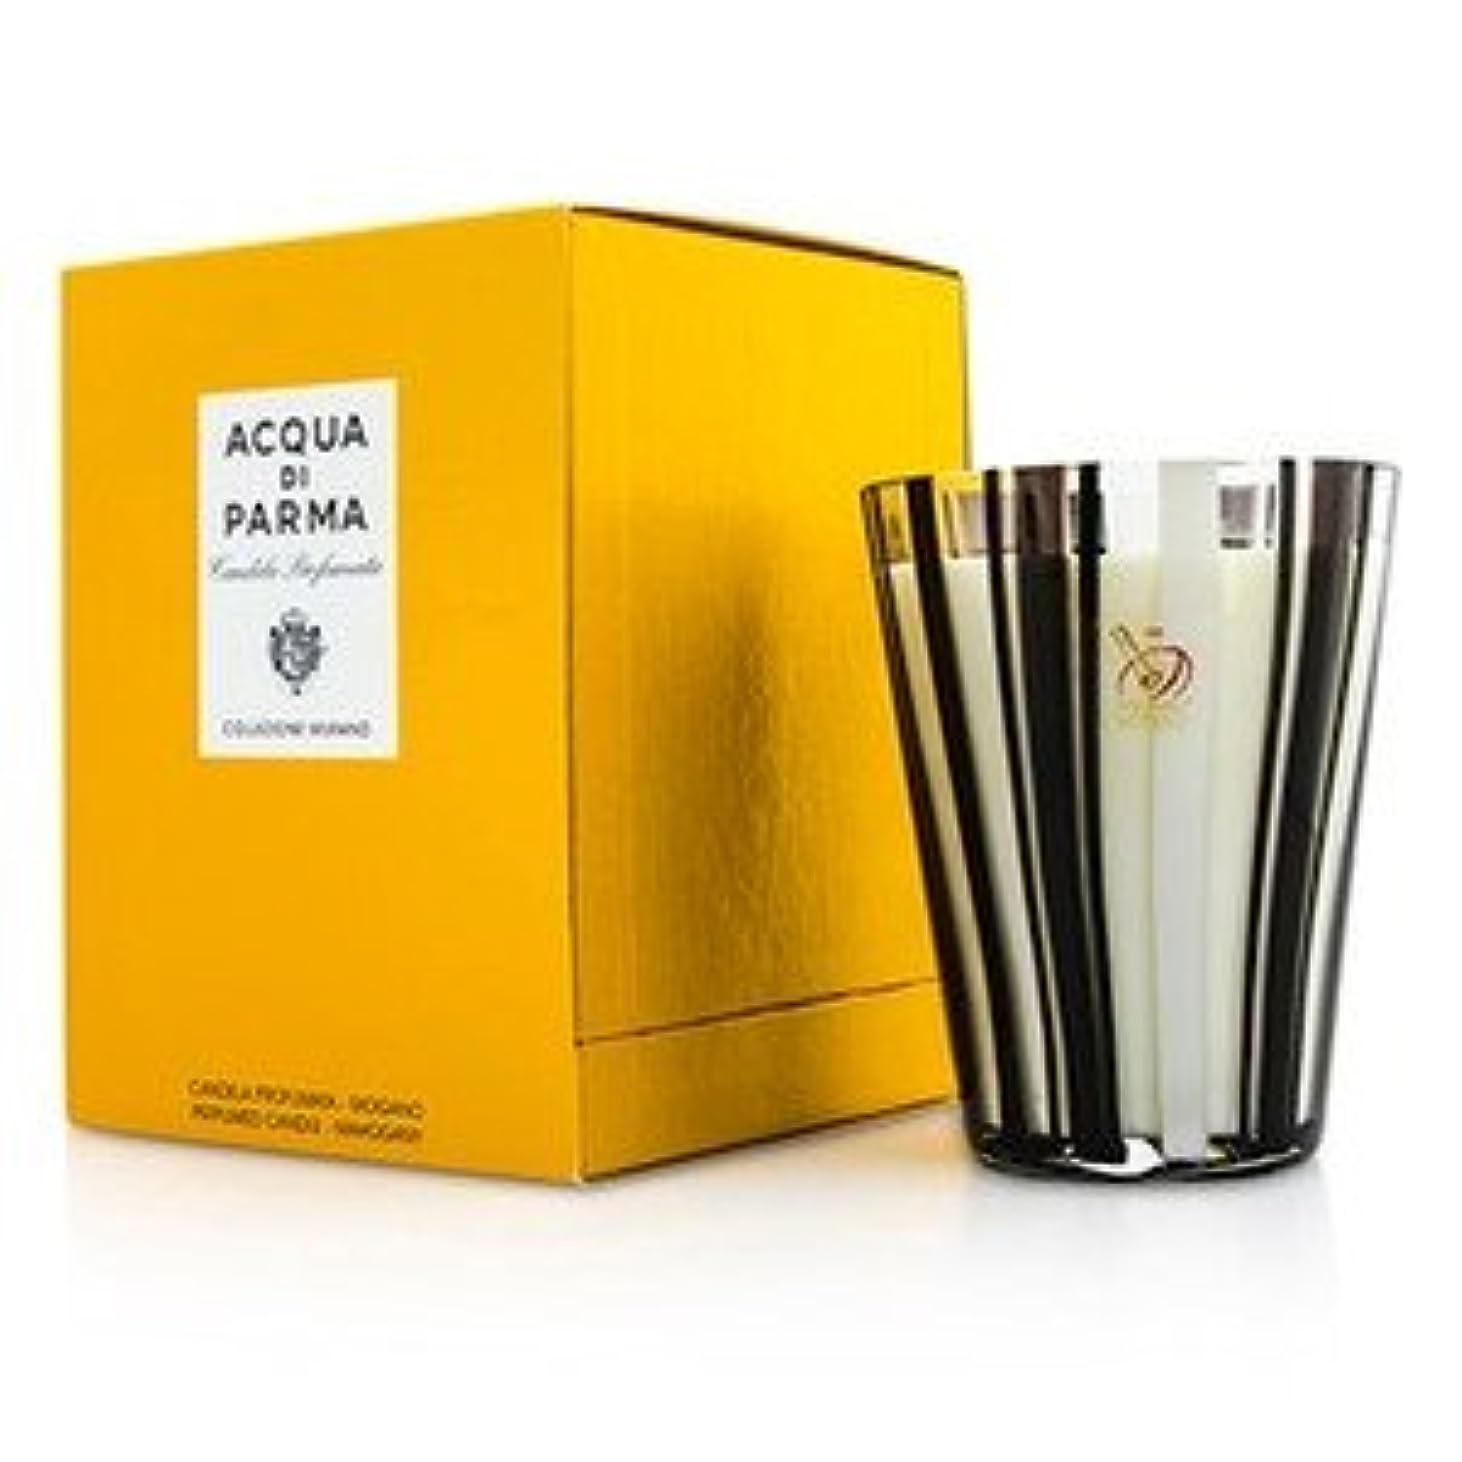 音楽家強要野心アクア ディ パルマ[Acqua Di Parma] ムラノ グラス パフューム キャンドル - Mogano(Mahogany) 200g/7.05oz [並行輸入品]